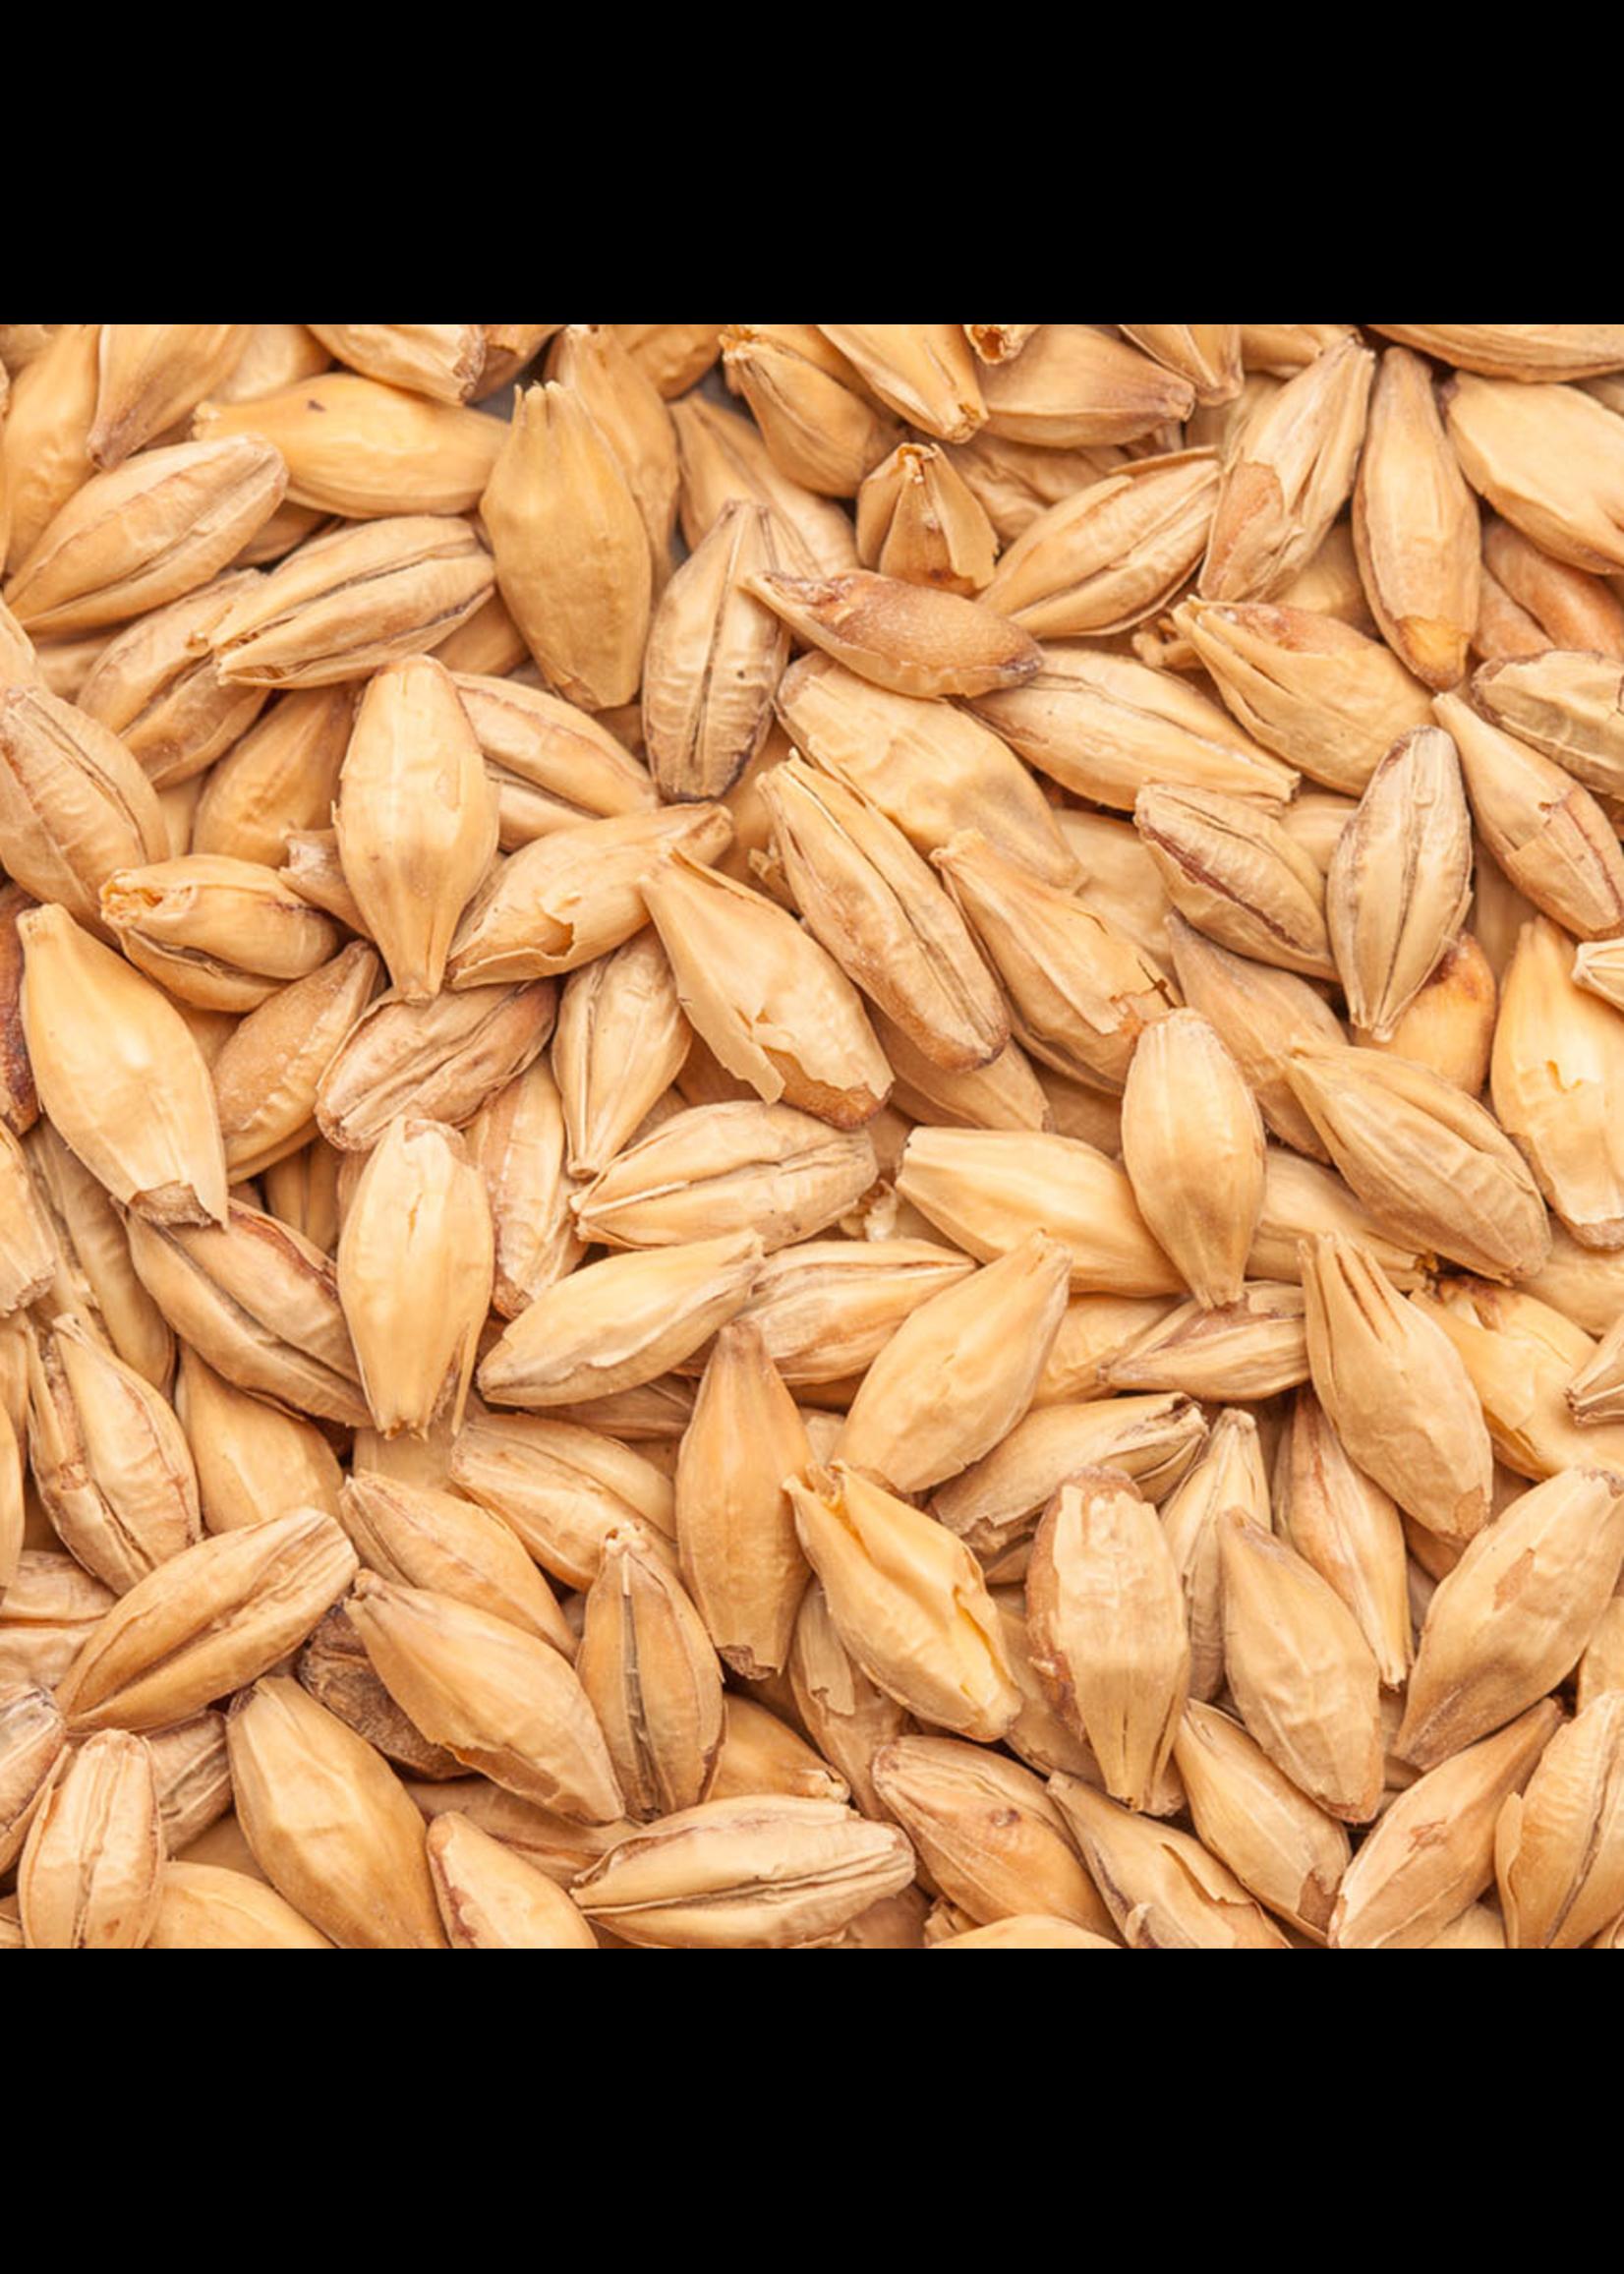 Grain Best Malz Chit Malt - F9 - 1 LB